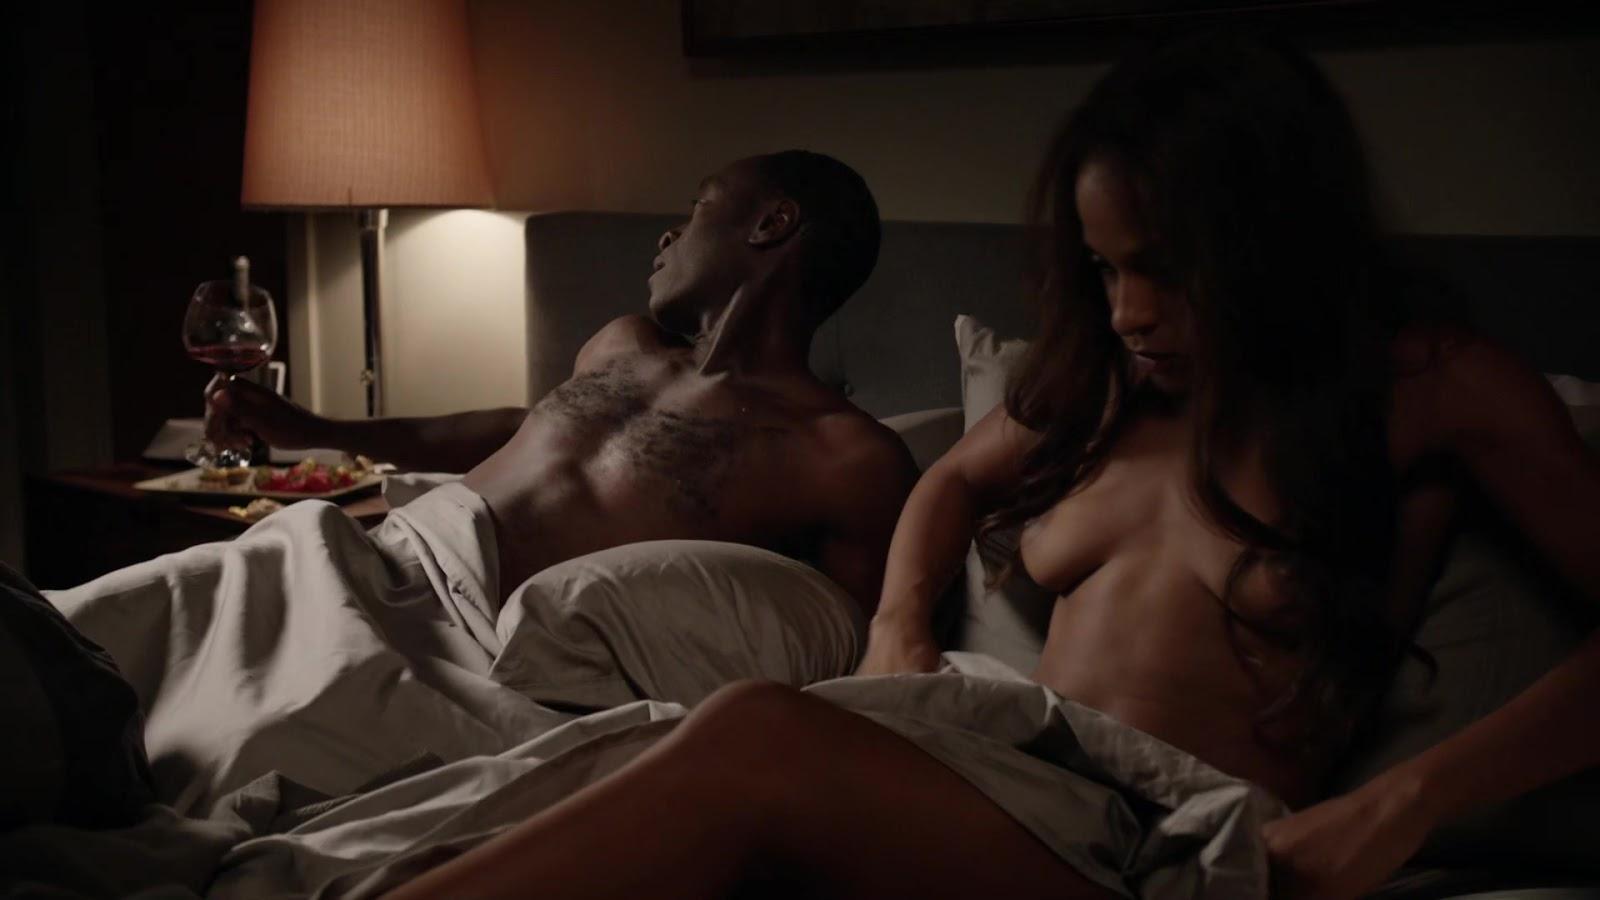 Exhibitionist Nude Teen Sex